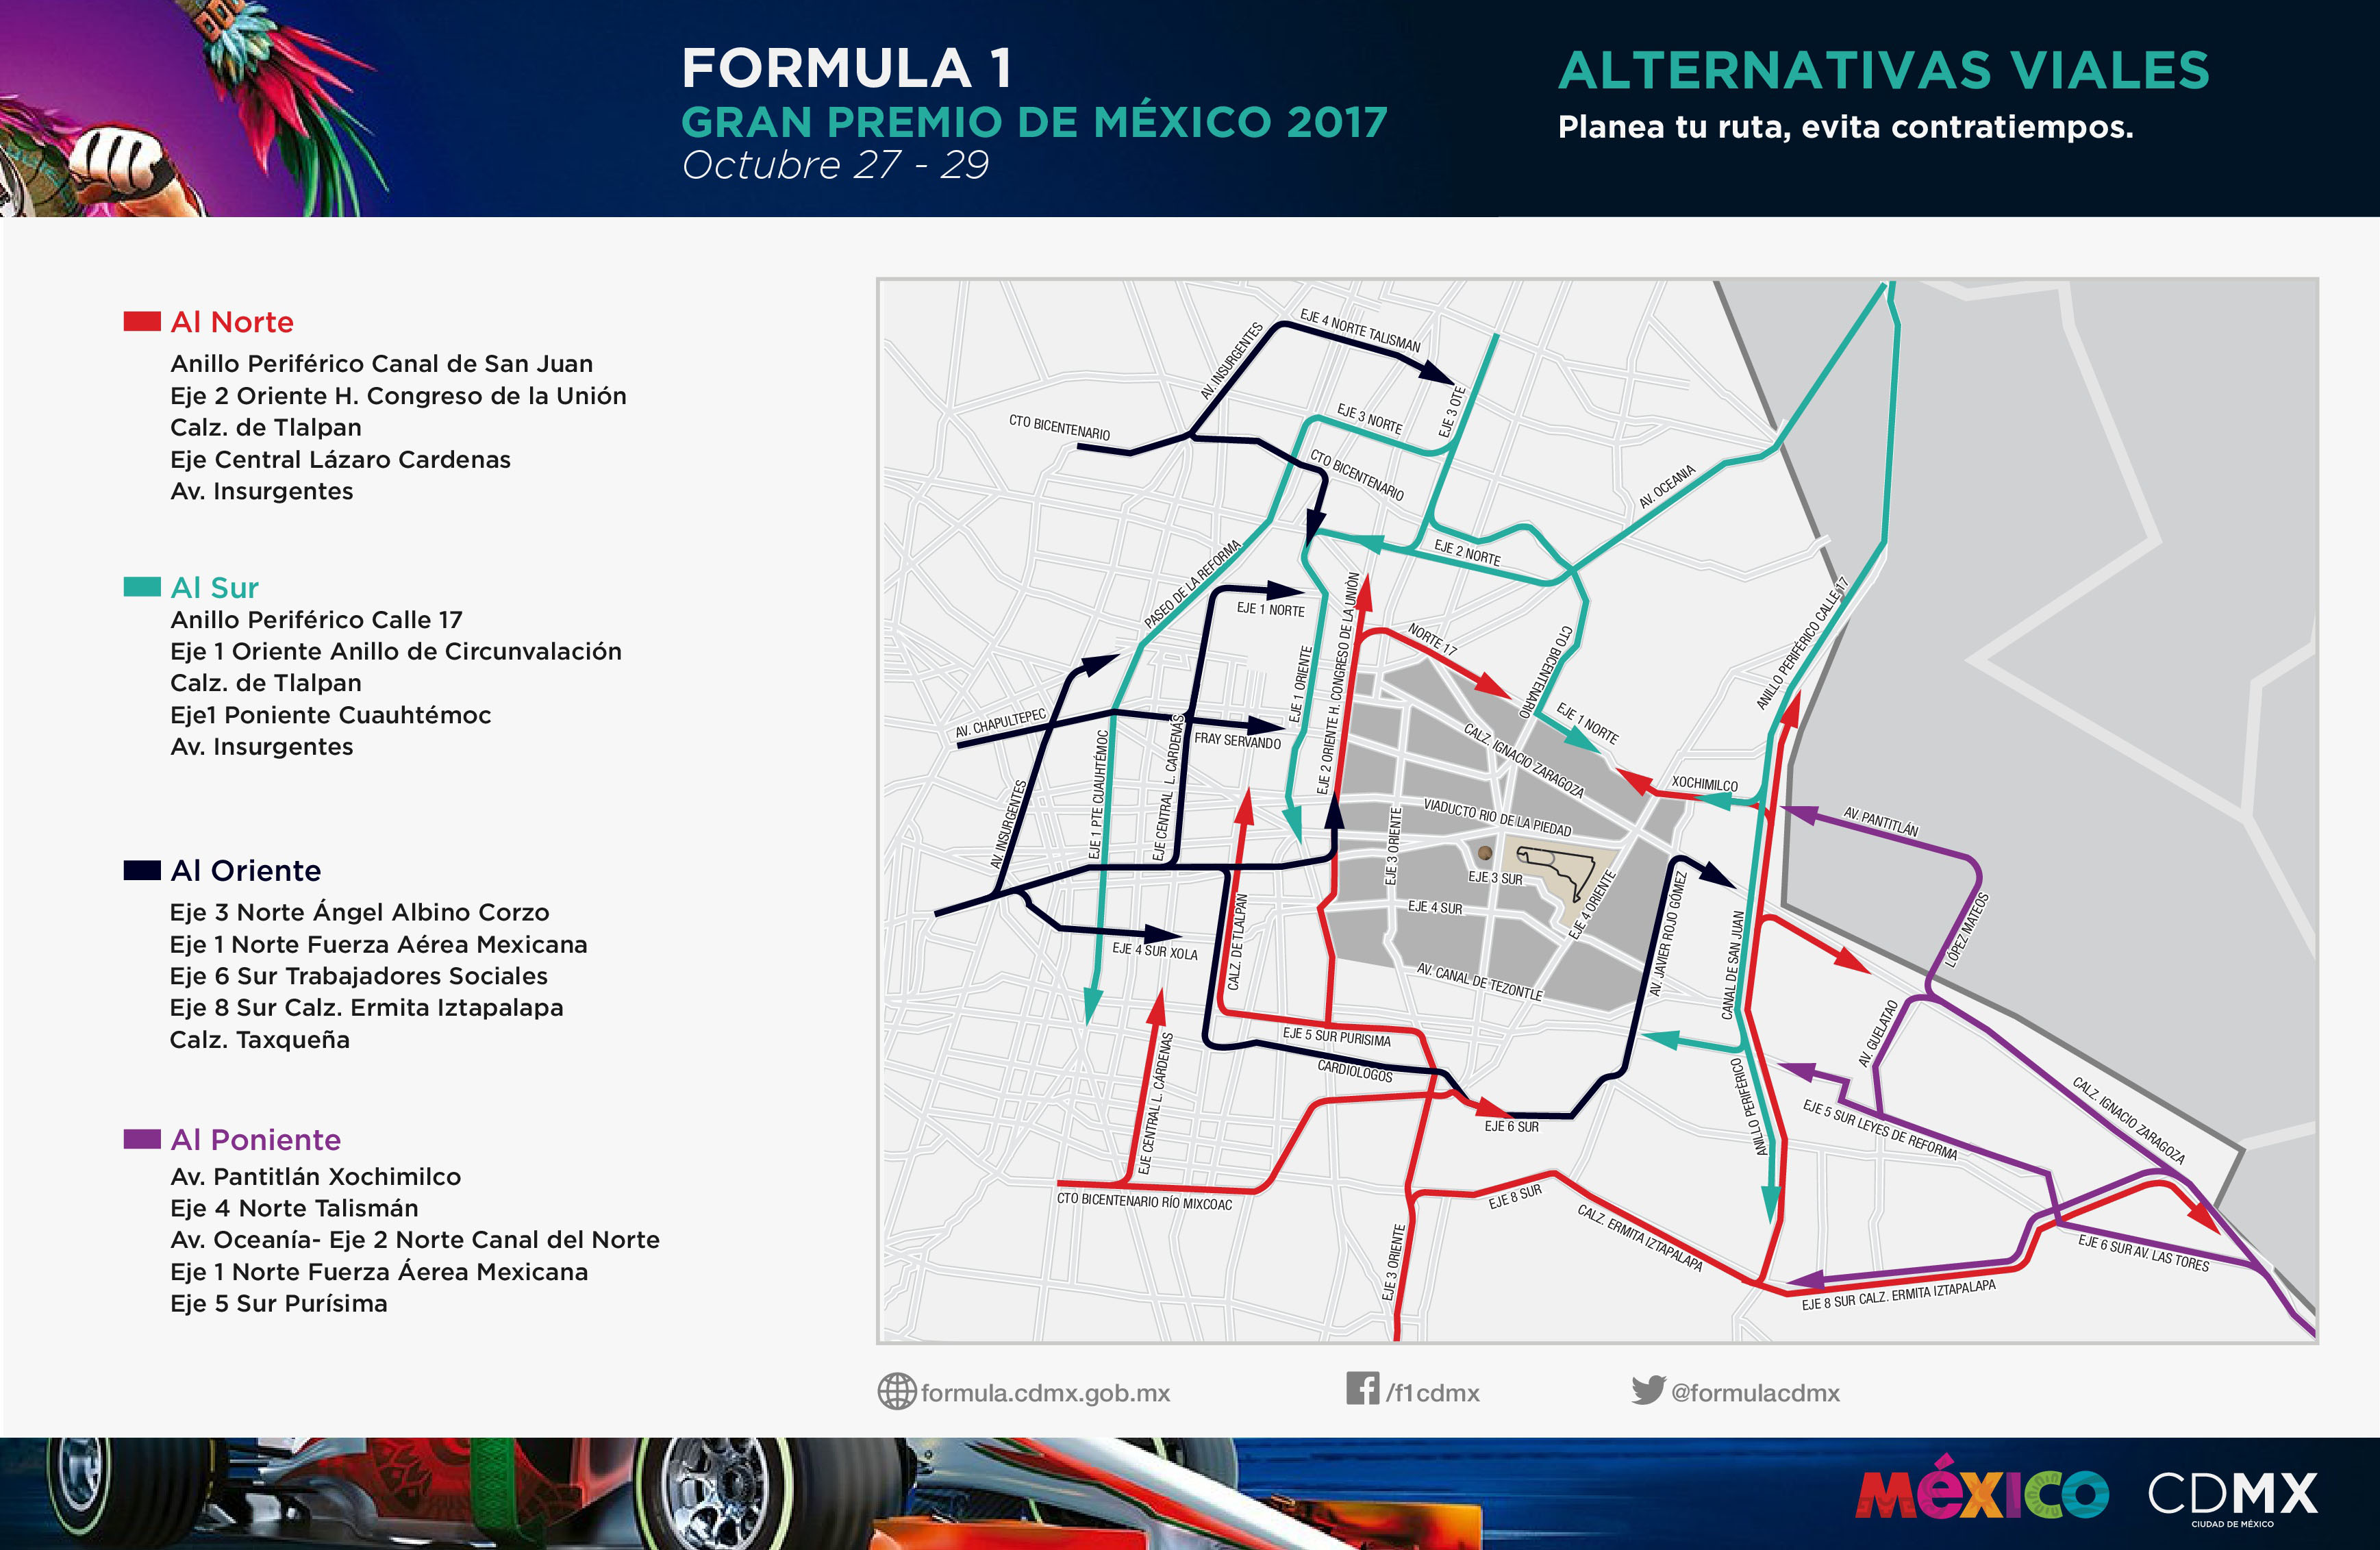 Mapa_Alternativas Viales-001.jpg